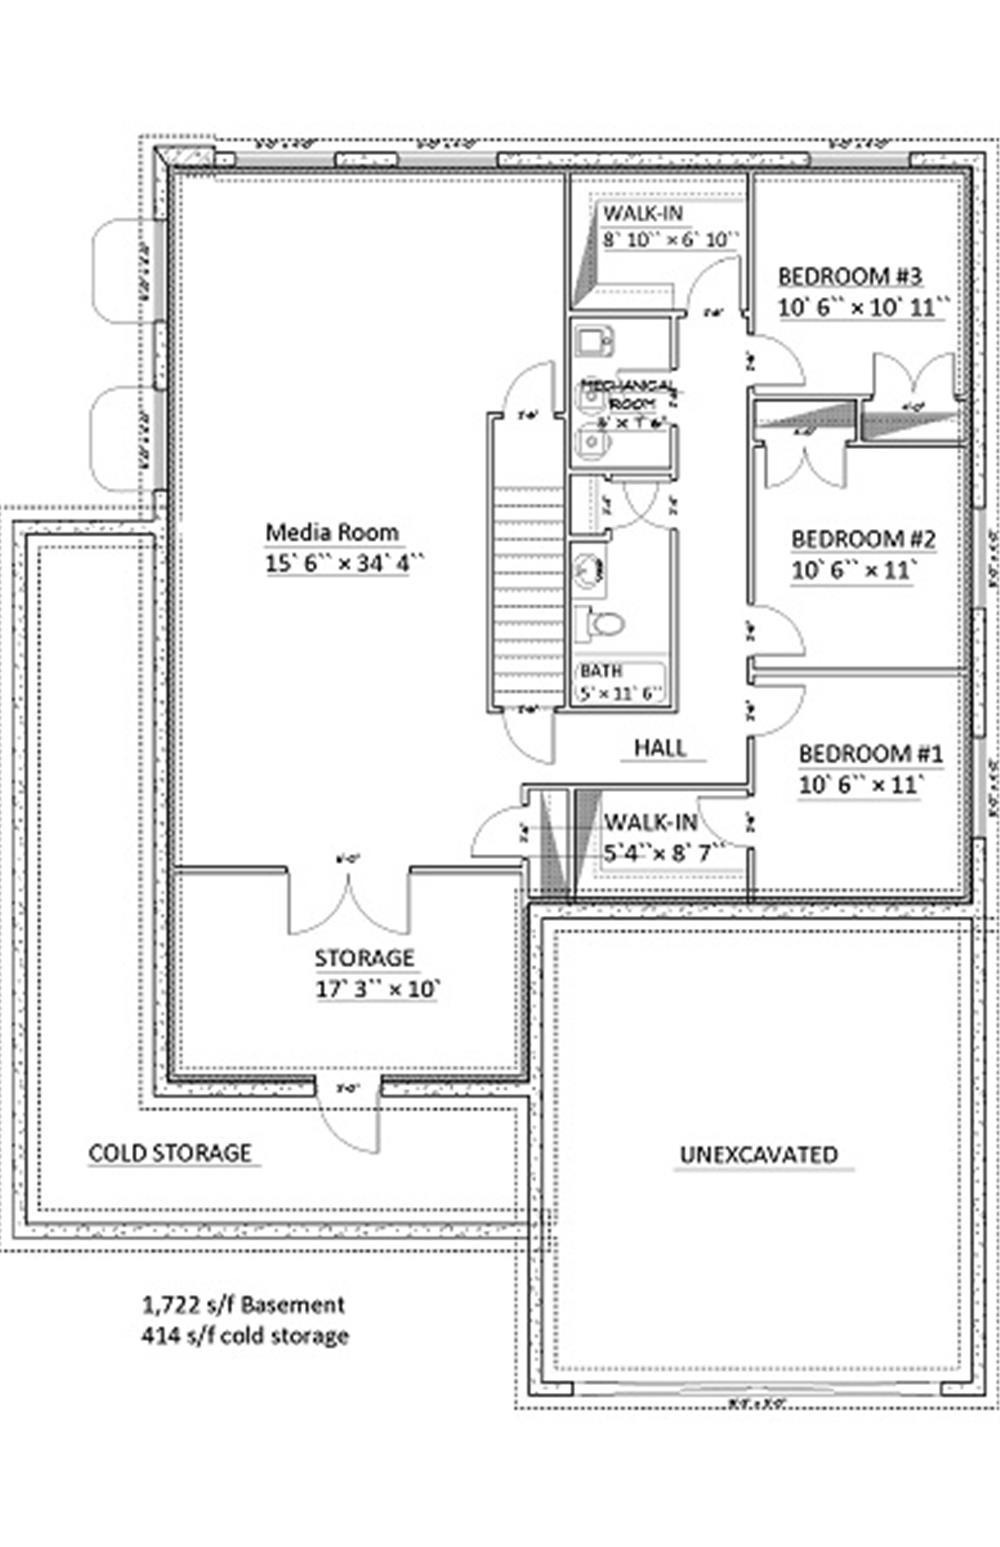 187-1006: Floor Plan Basement